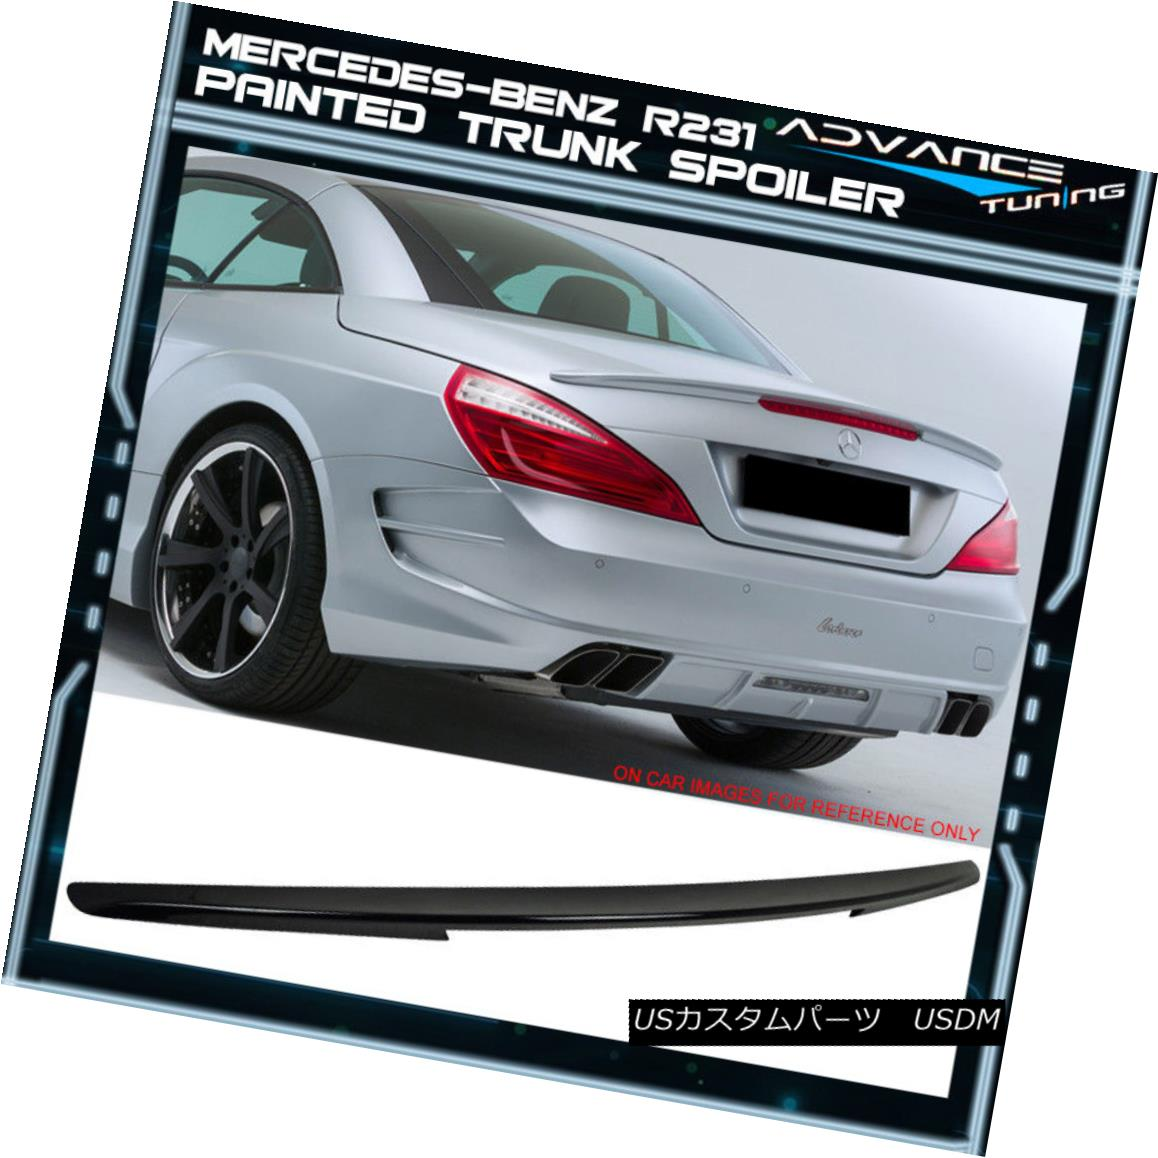 エアロパーツ 13-16 Benz R231 Trunk Spoiler OEM Painted Color #197 Obsidian Black Metallic 13-16ベンツR231トランク・スポイラーOEM塗装カラー#197黒曜石黒メタリック